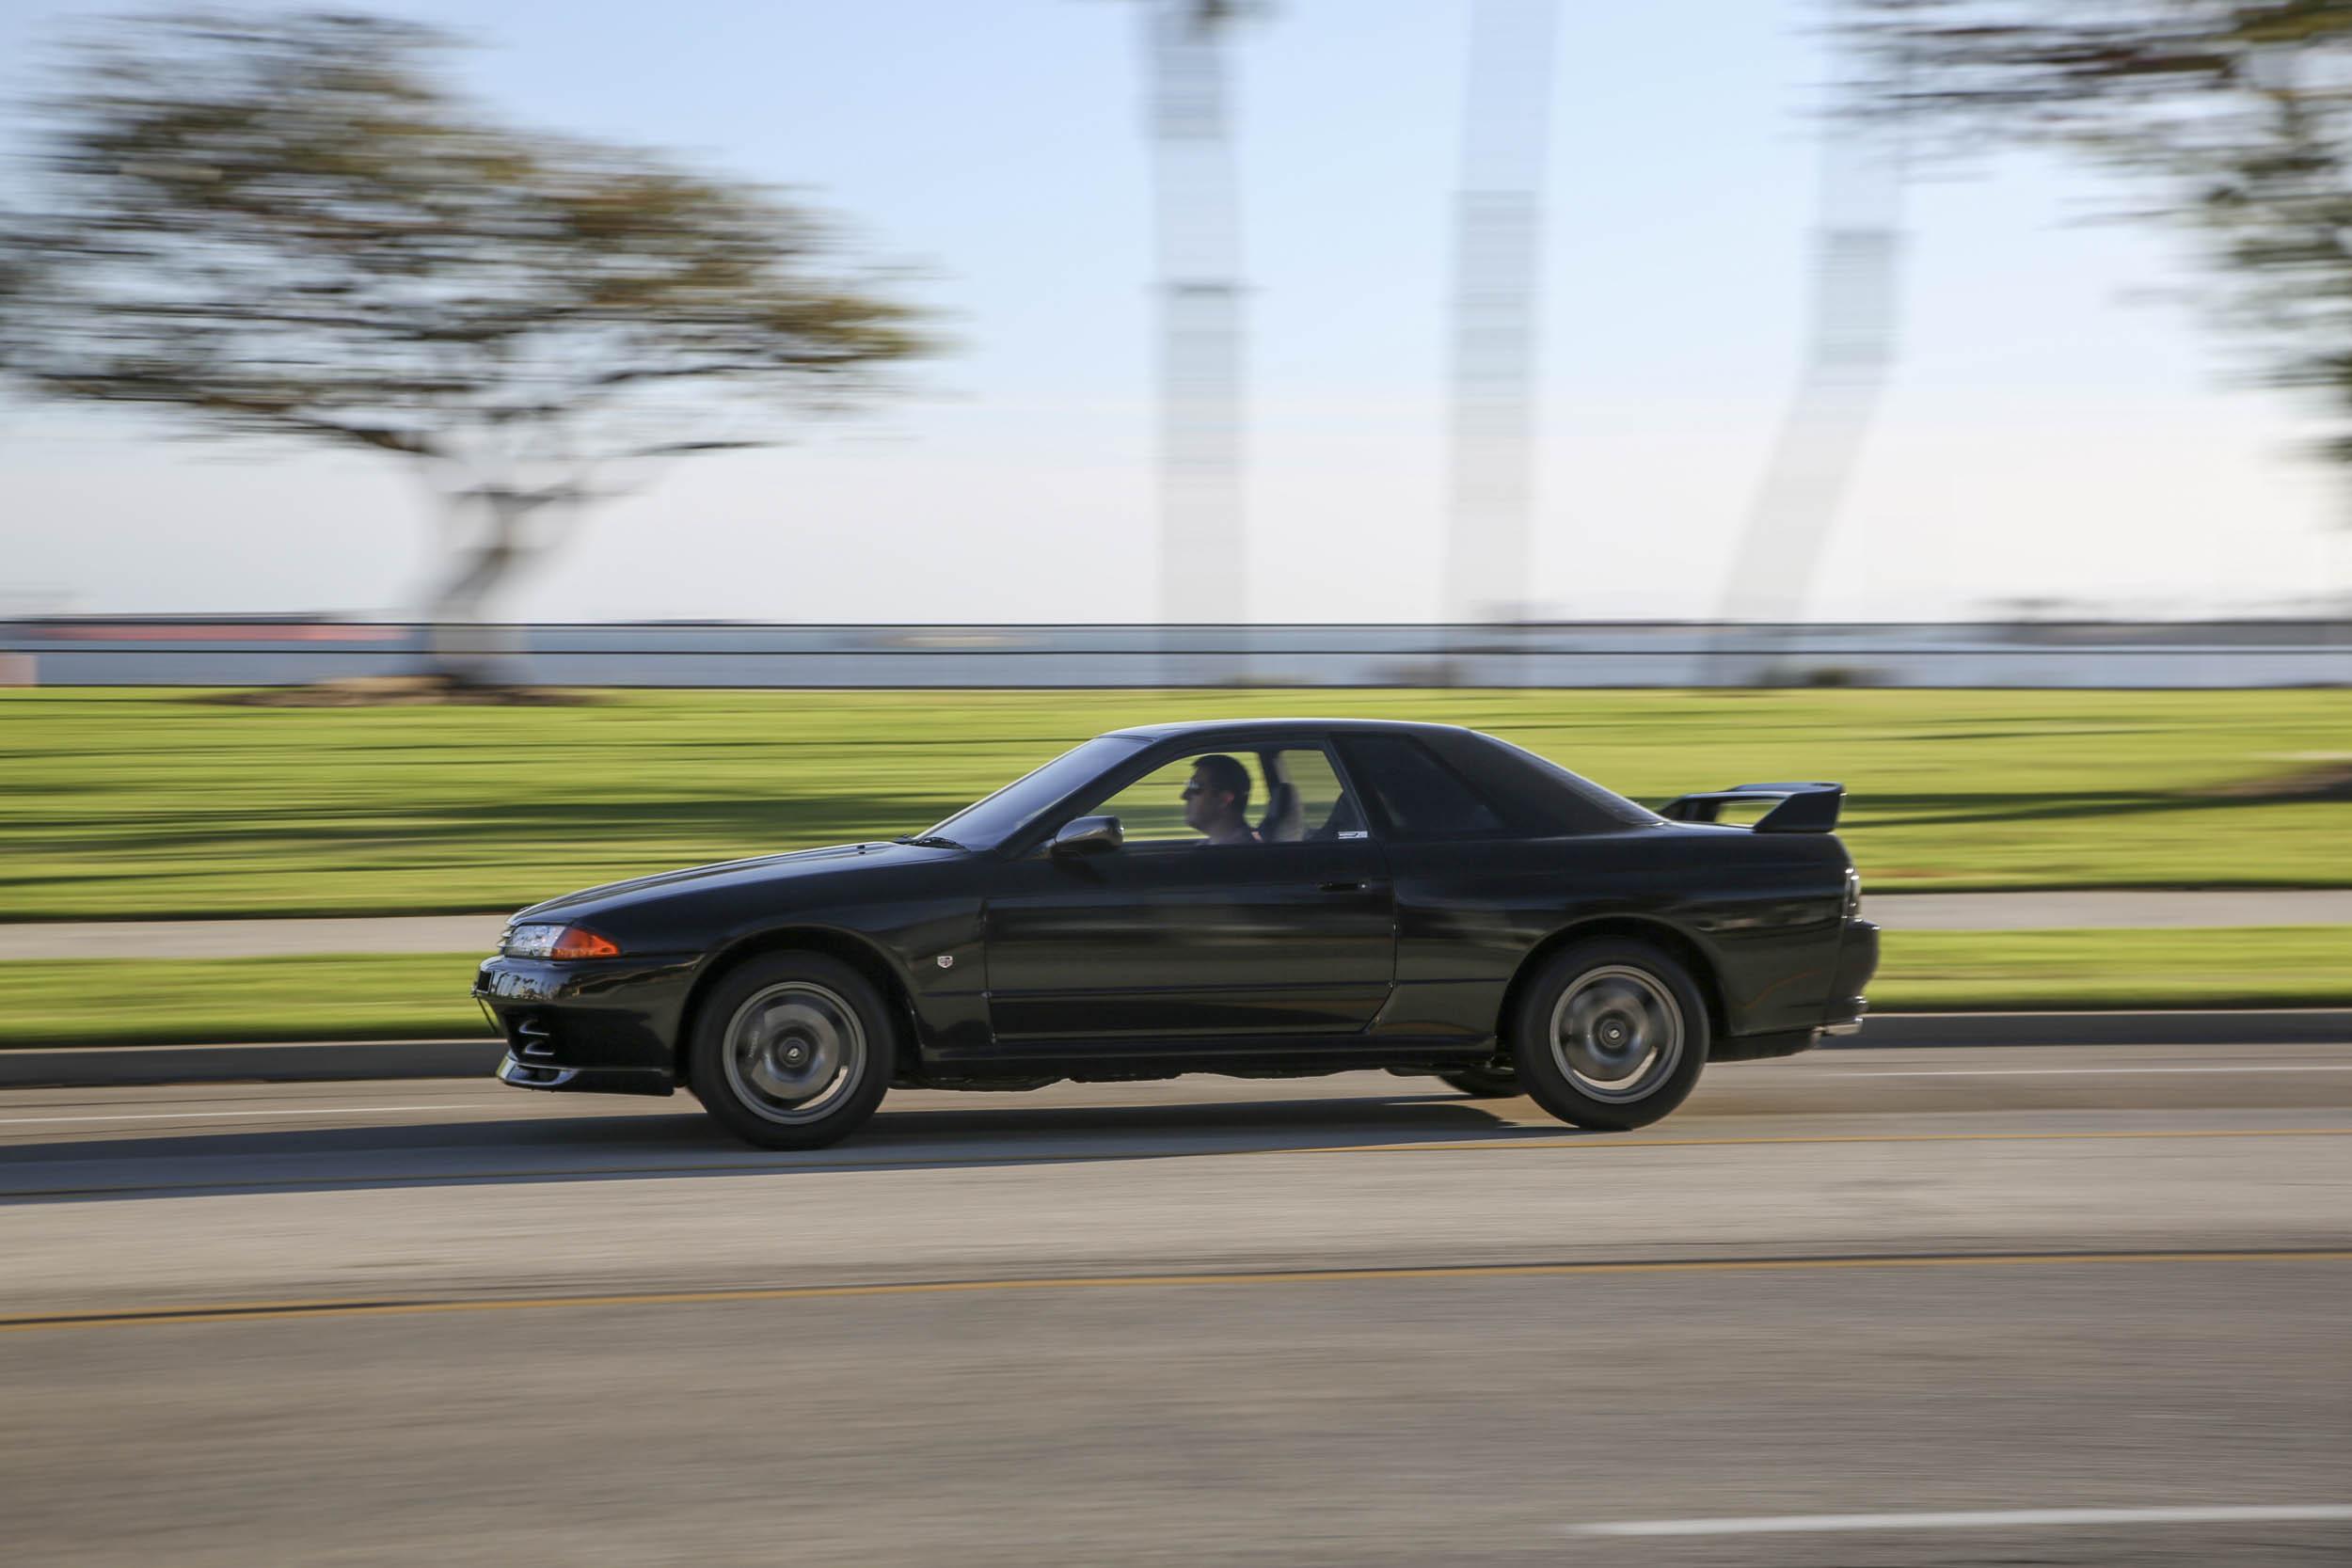 R32 Nissan GT-R toprank 2 side motion